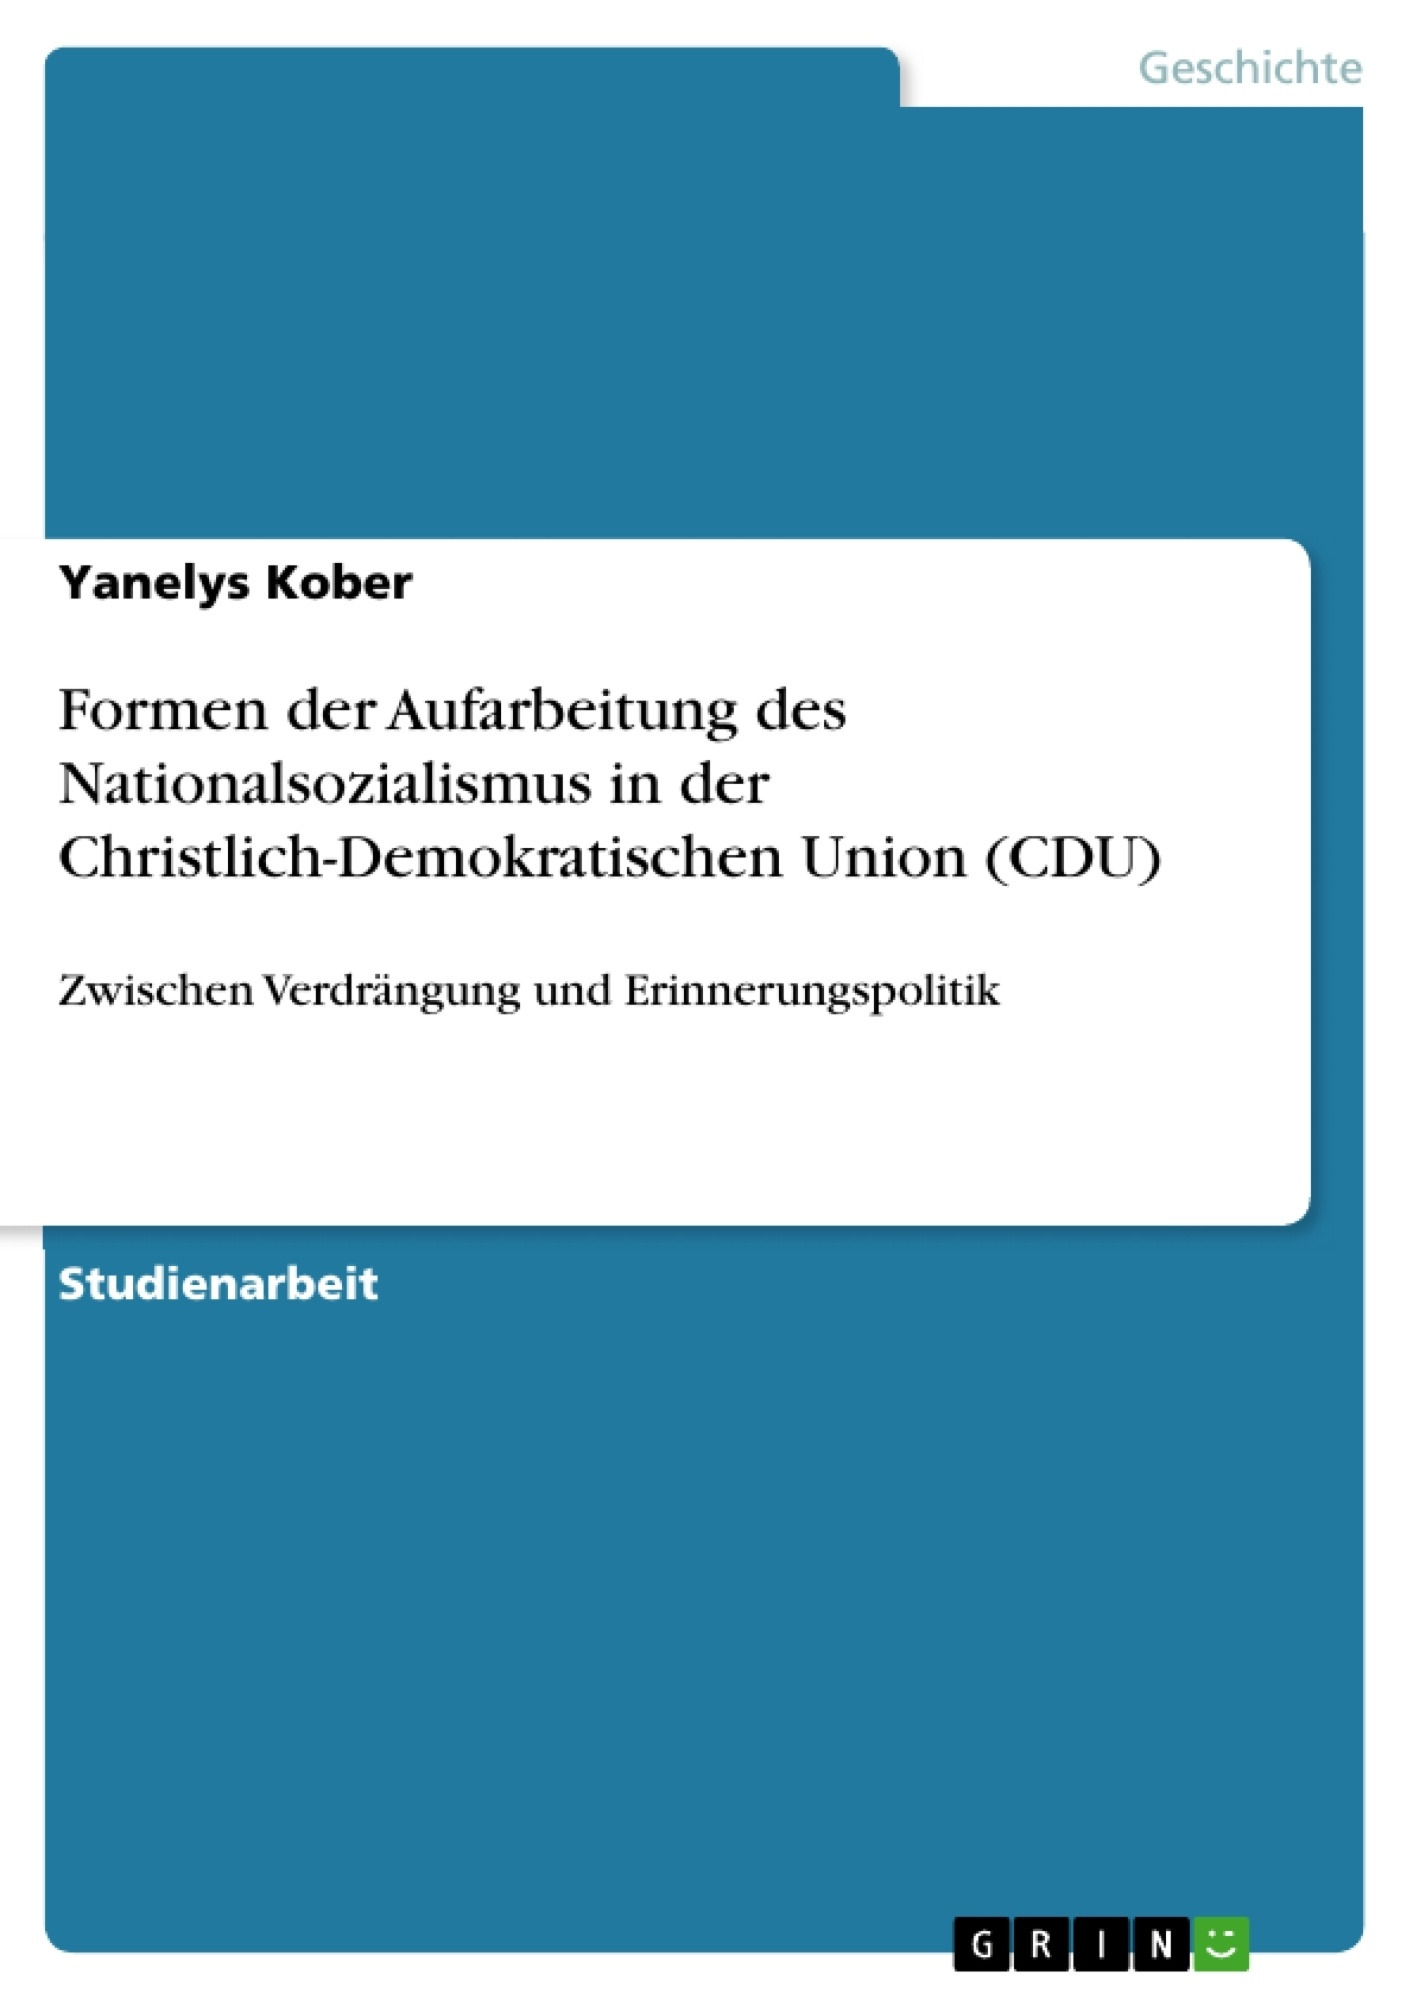 Titel: Formen der Aufarbeitung des Nationalsozialismus in der Christlich-Demokratischen Union (CDU)